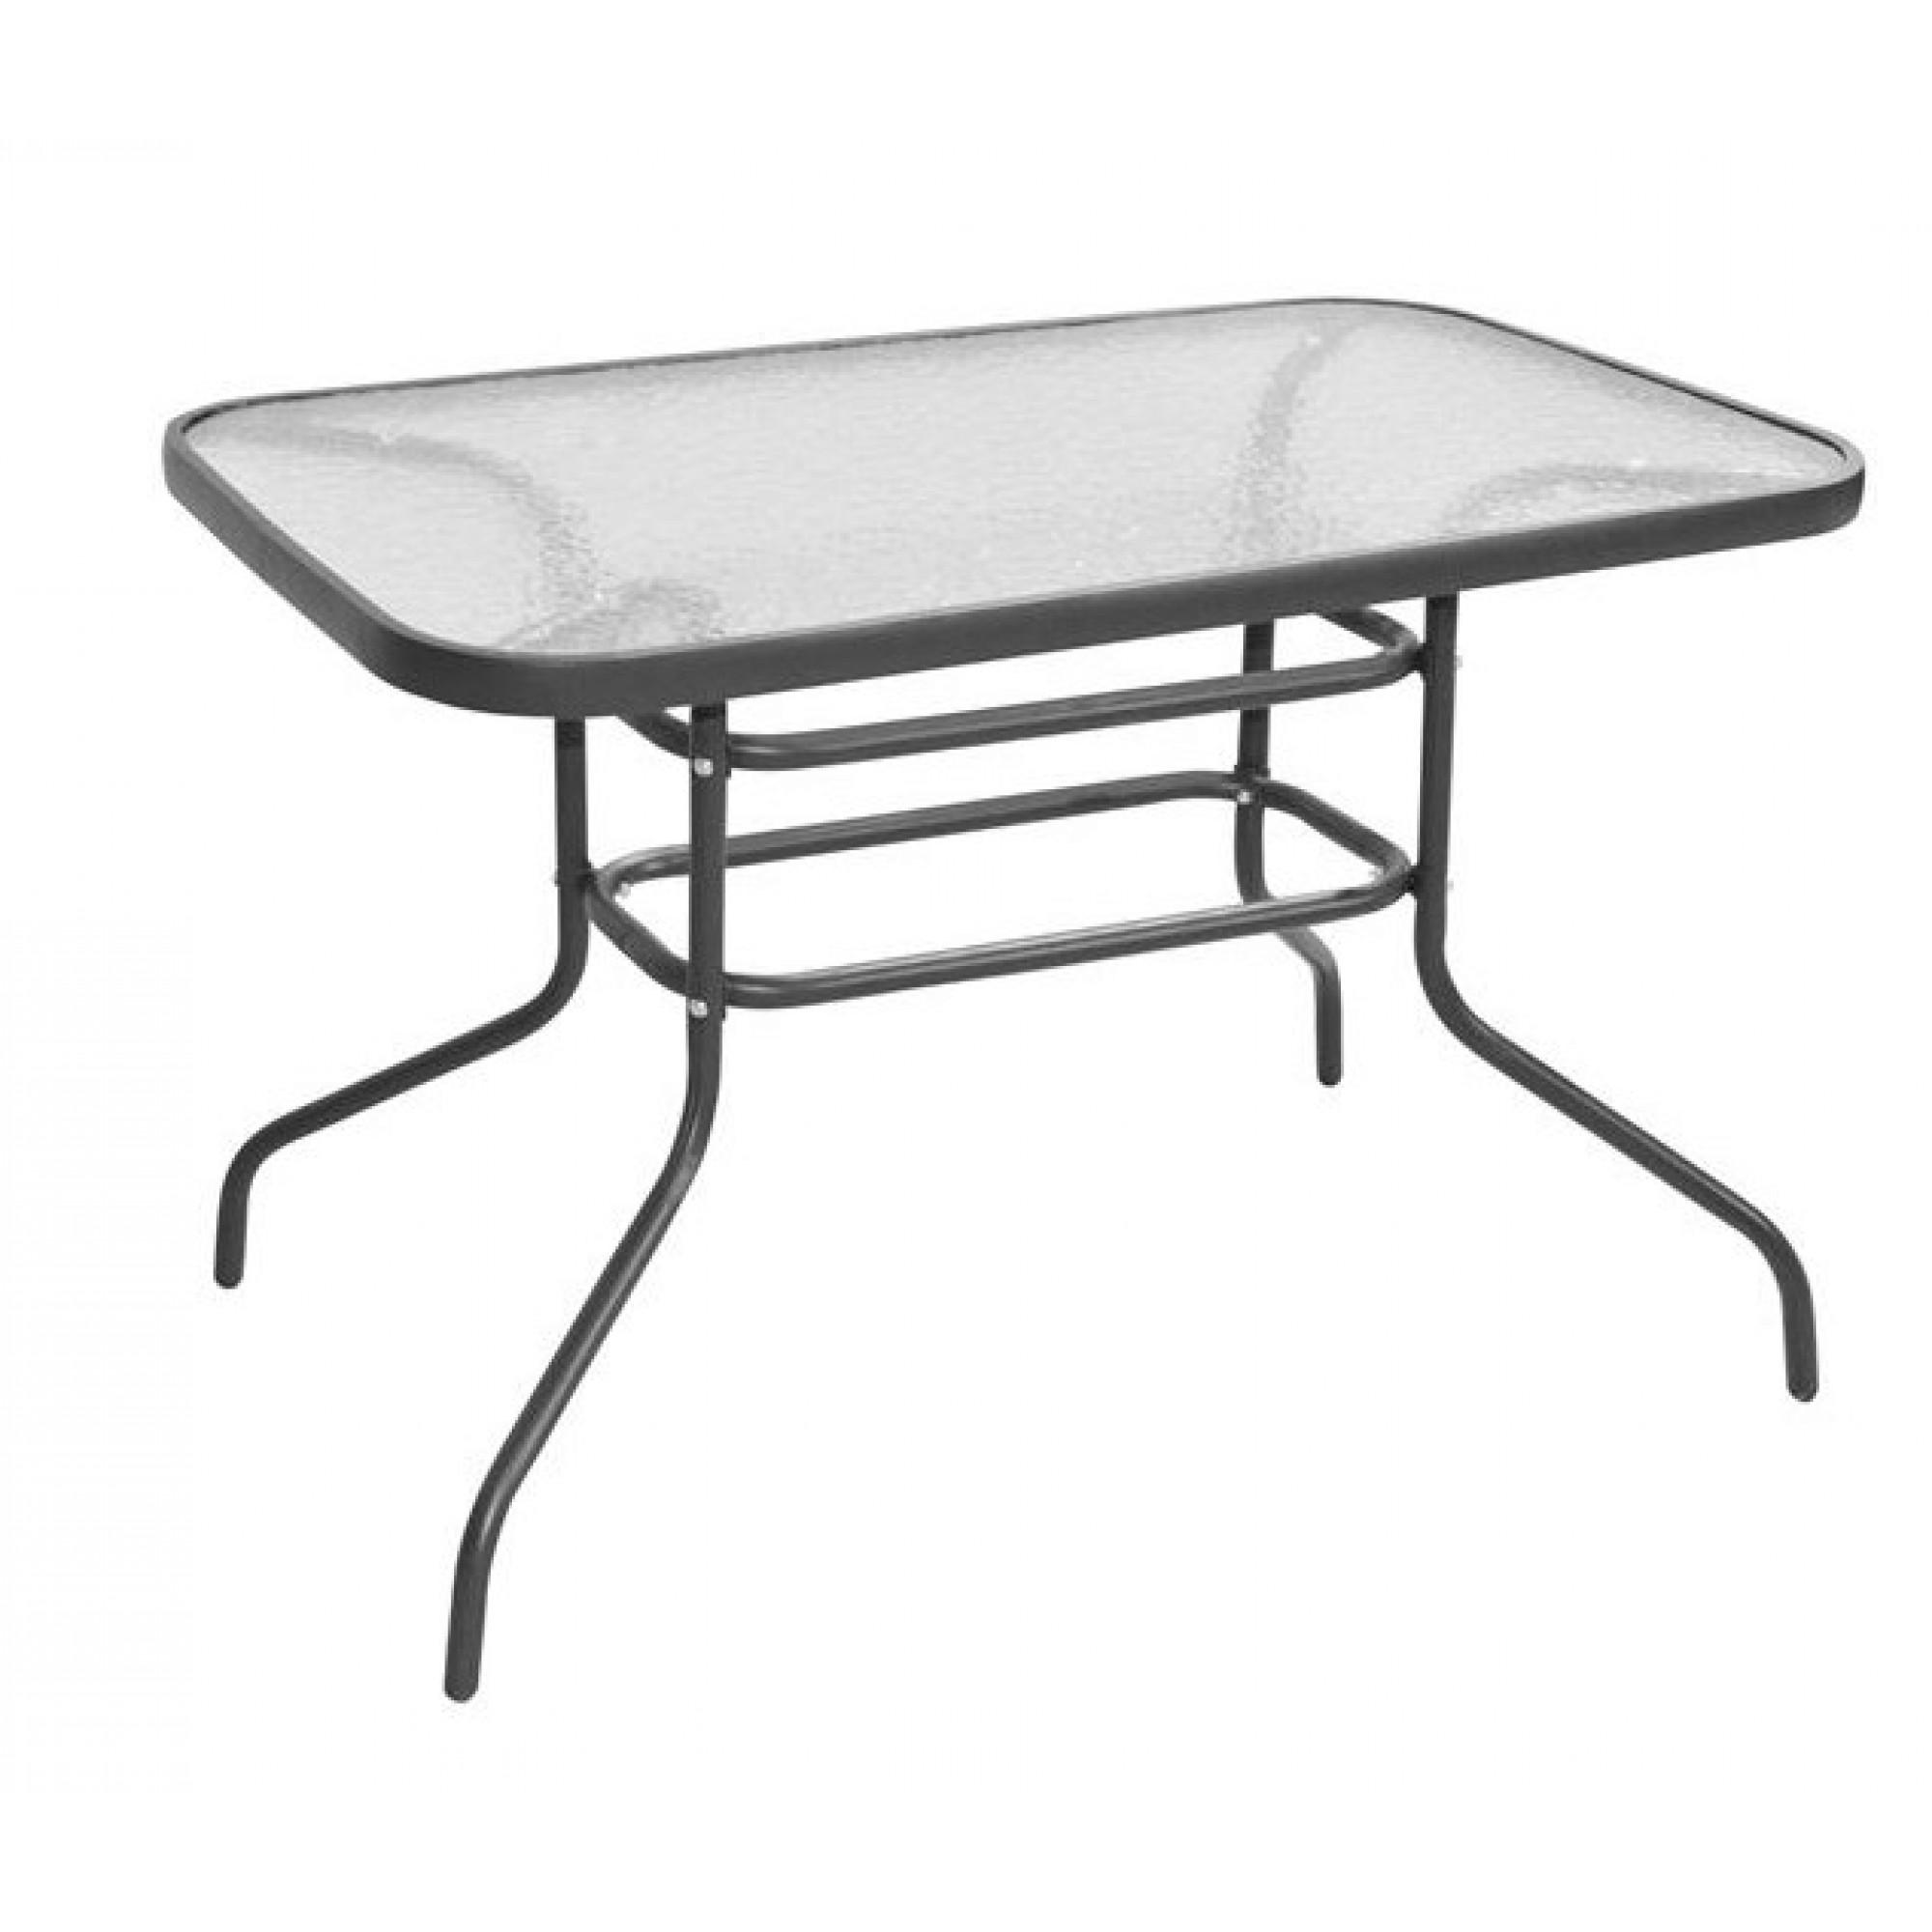 """Τραπέζι """"CARLOS"""" μεταλλικό σε ανθρακί χρώμα 120x70x70"""